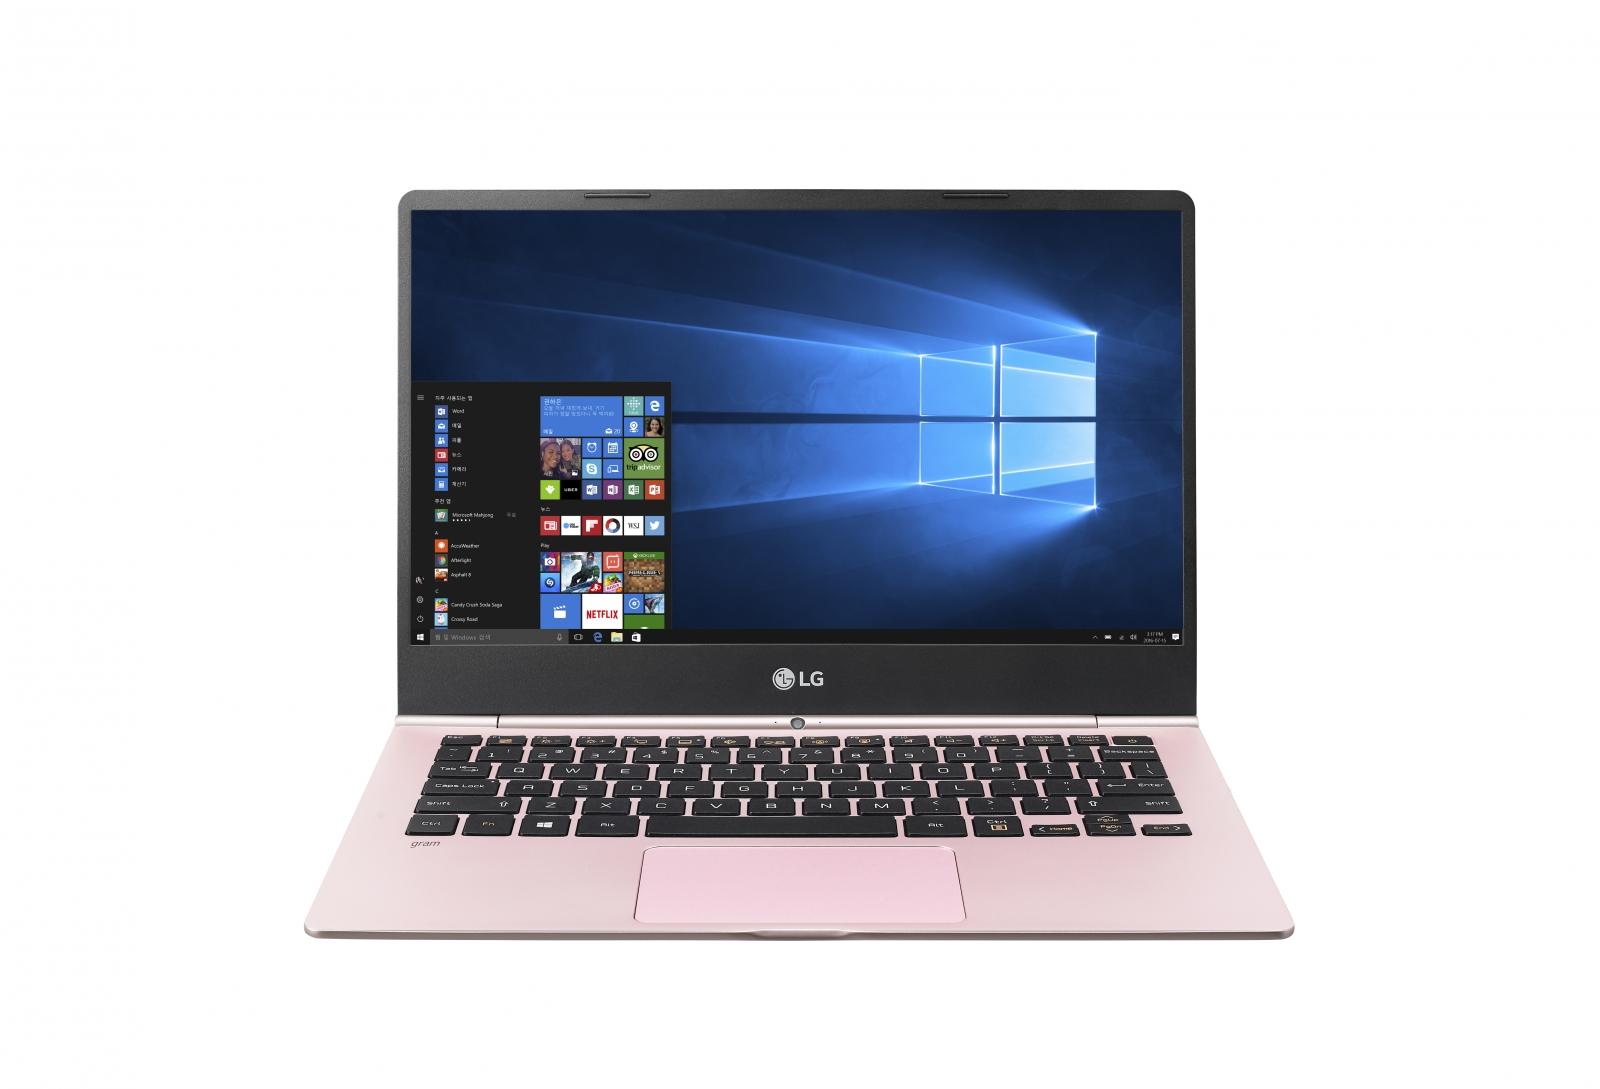 LG unveils LG Gram laptop at CES 2017